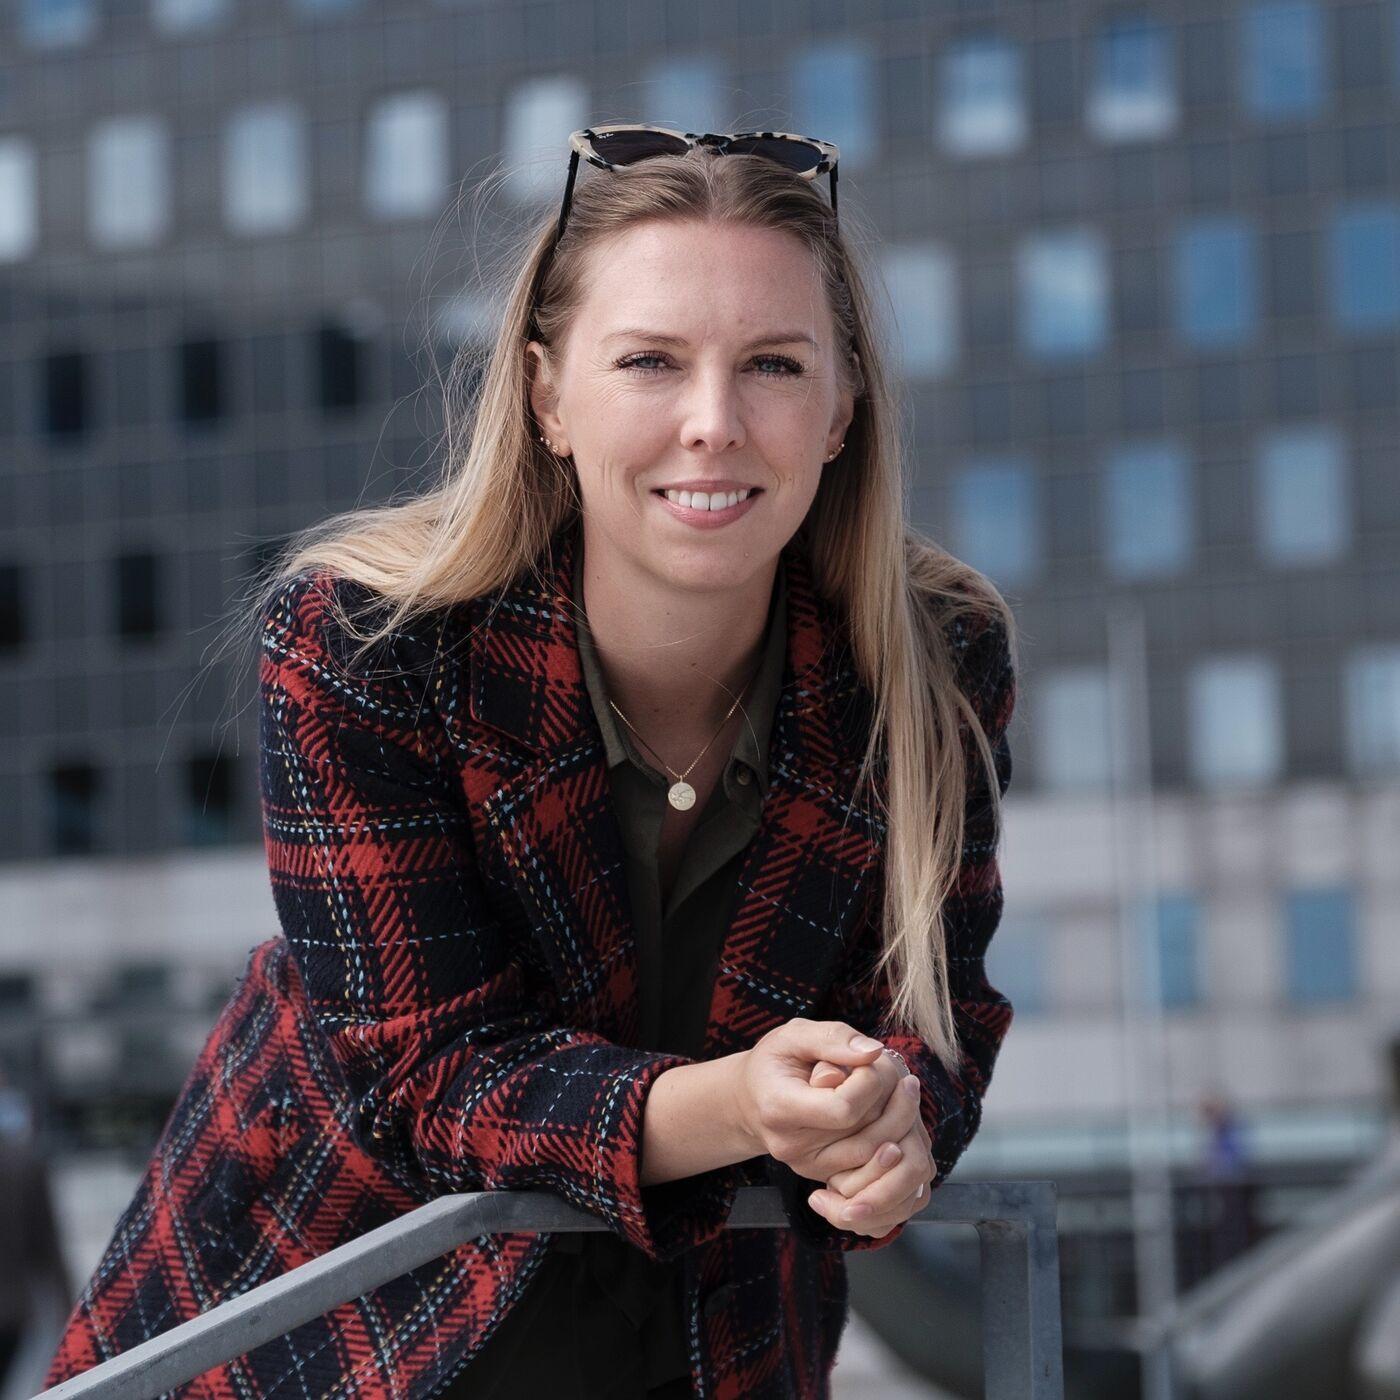 Er ligestilling en dansk kerneværdi? - Med Ea Høg Utoft